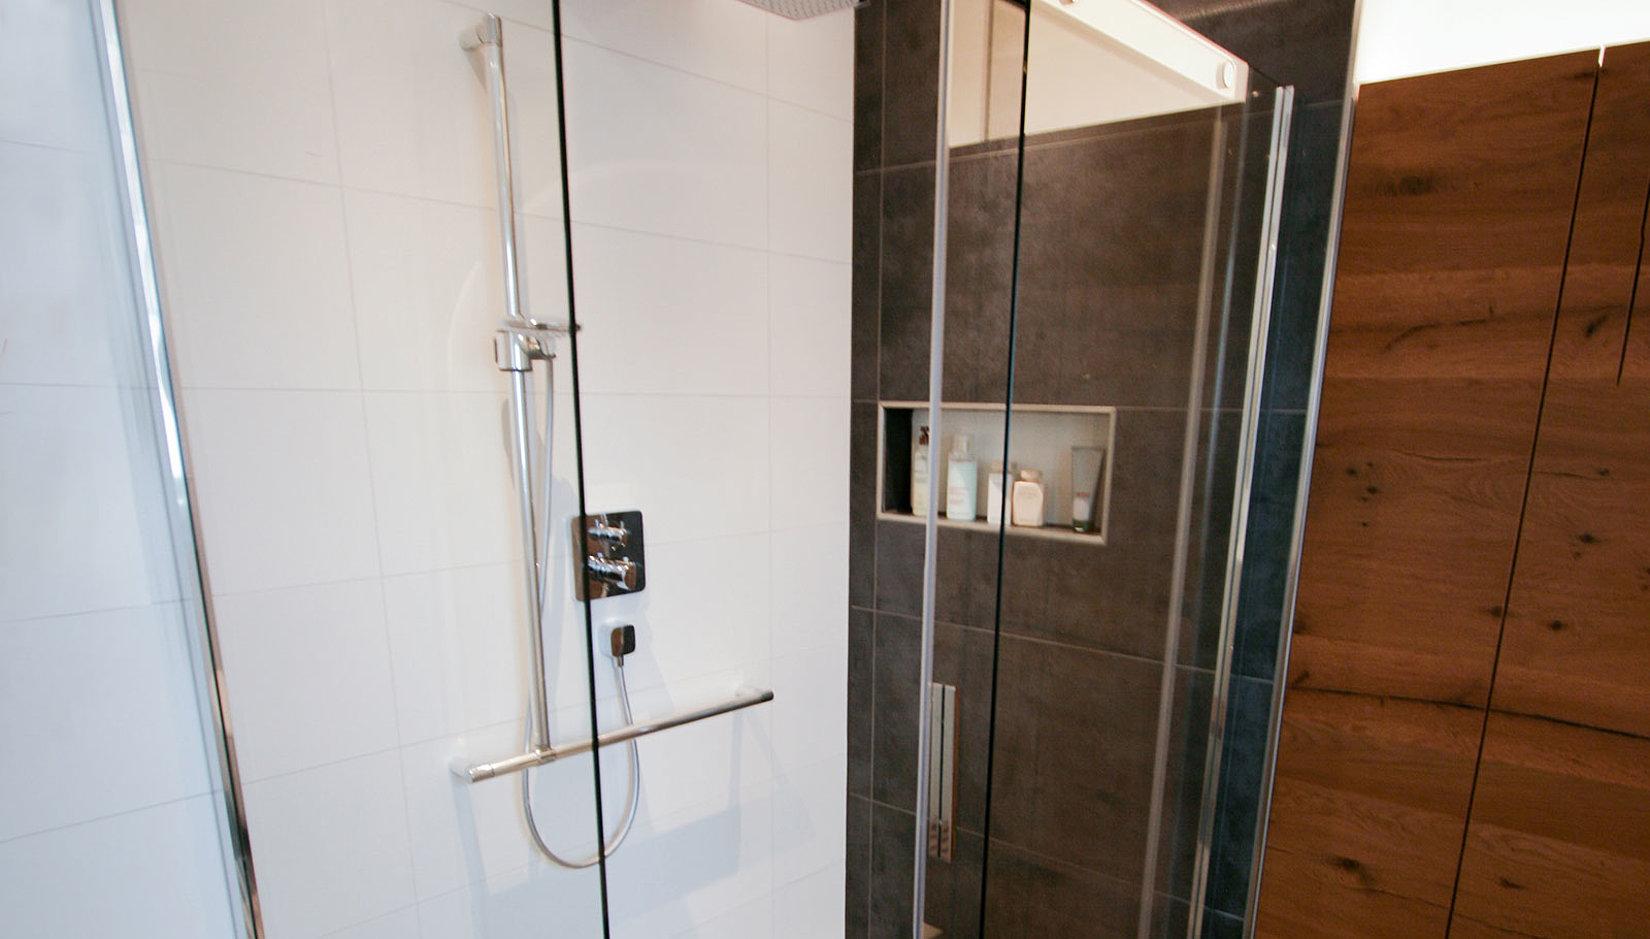 Barrierefreies Badezimmer - Design & Sicherheit vereint | Erlau